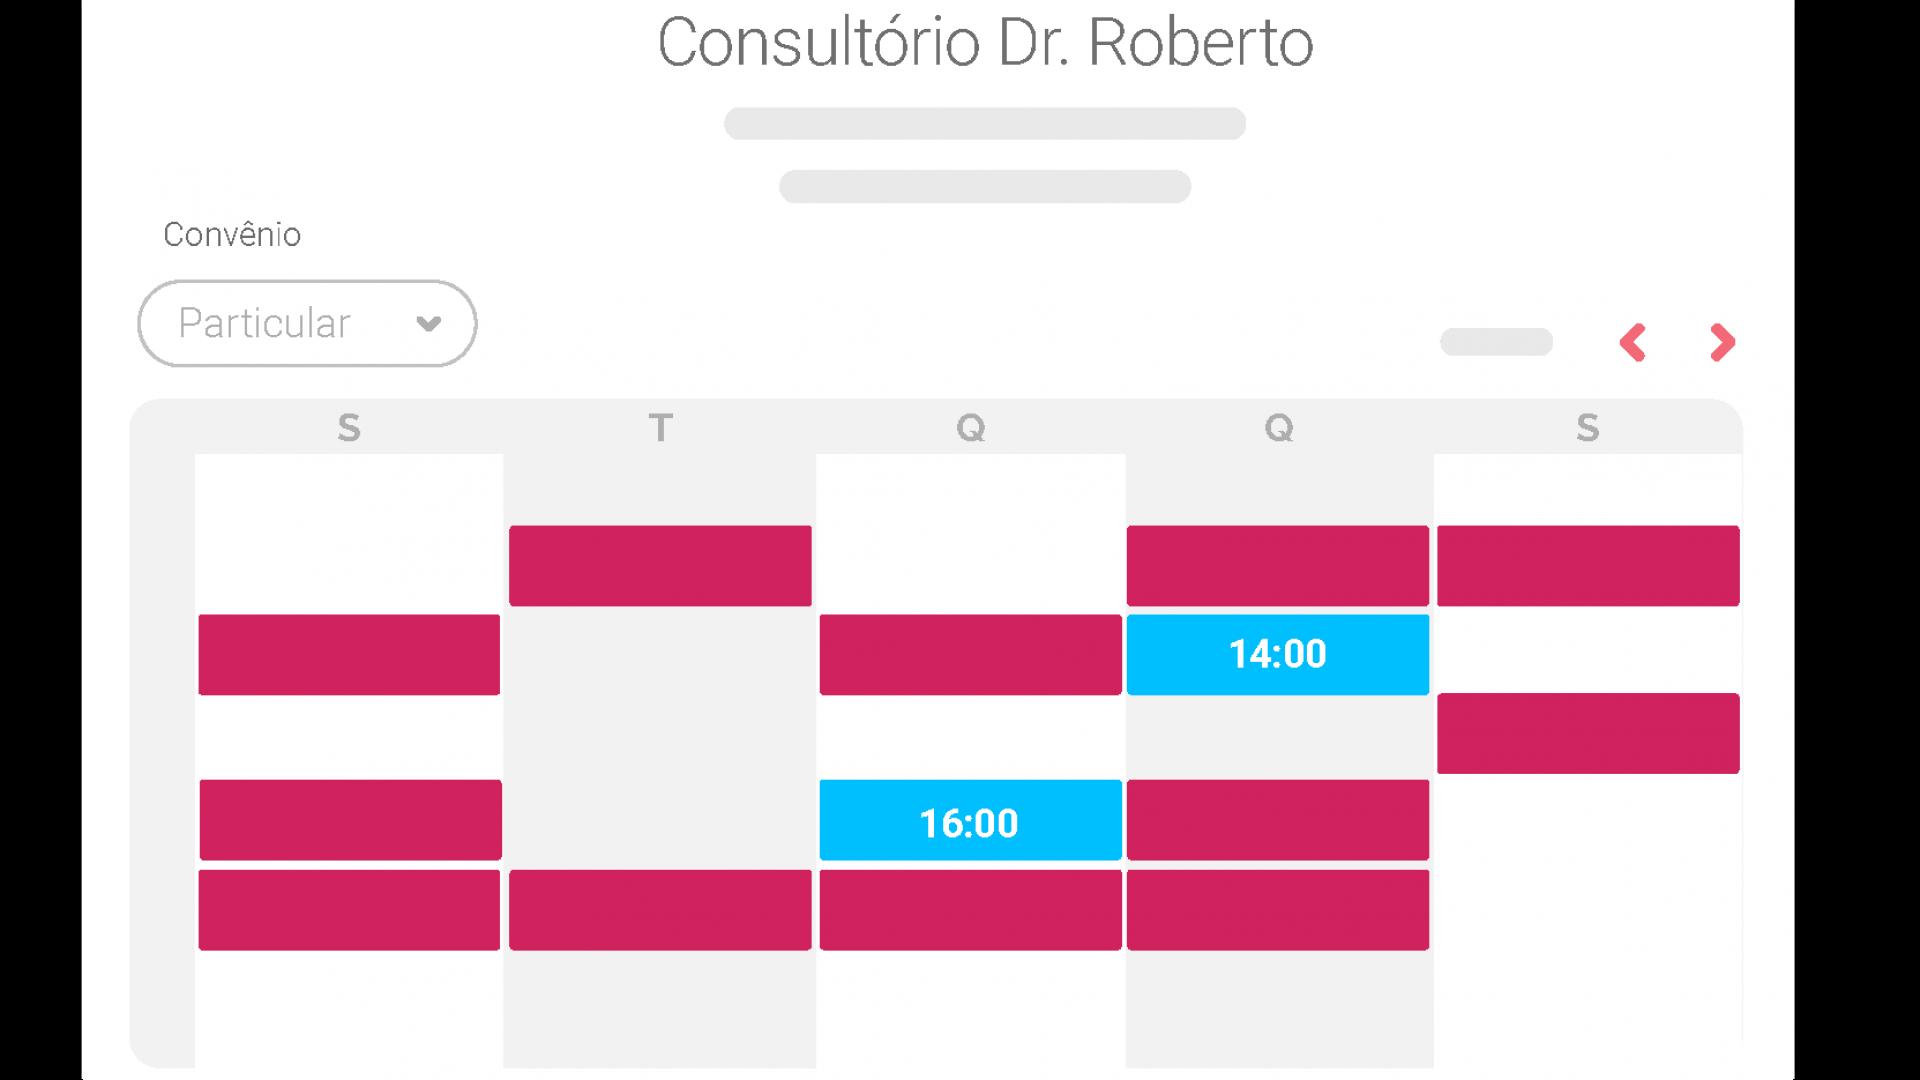 iMedicina - Software Médico Para Consultórios e Clínicas